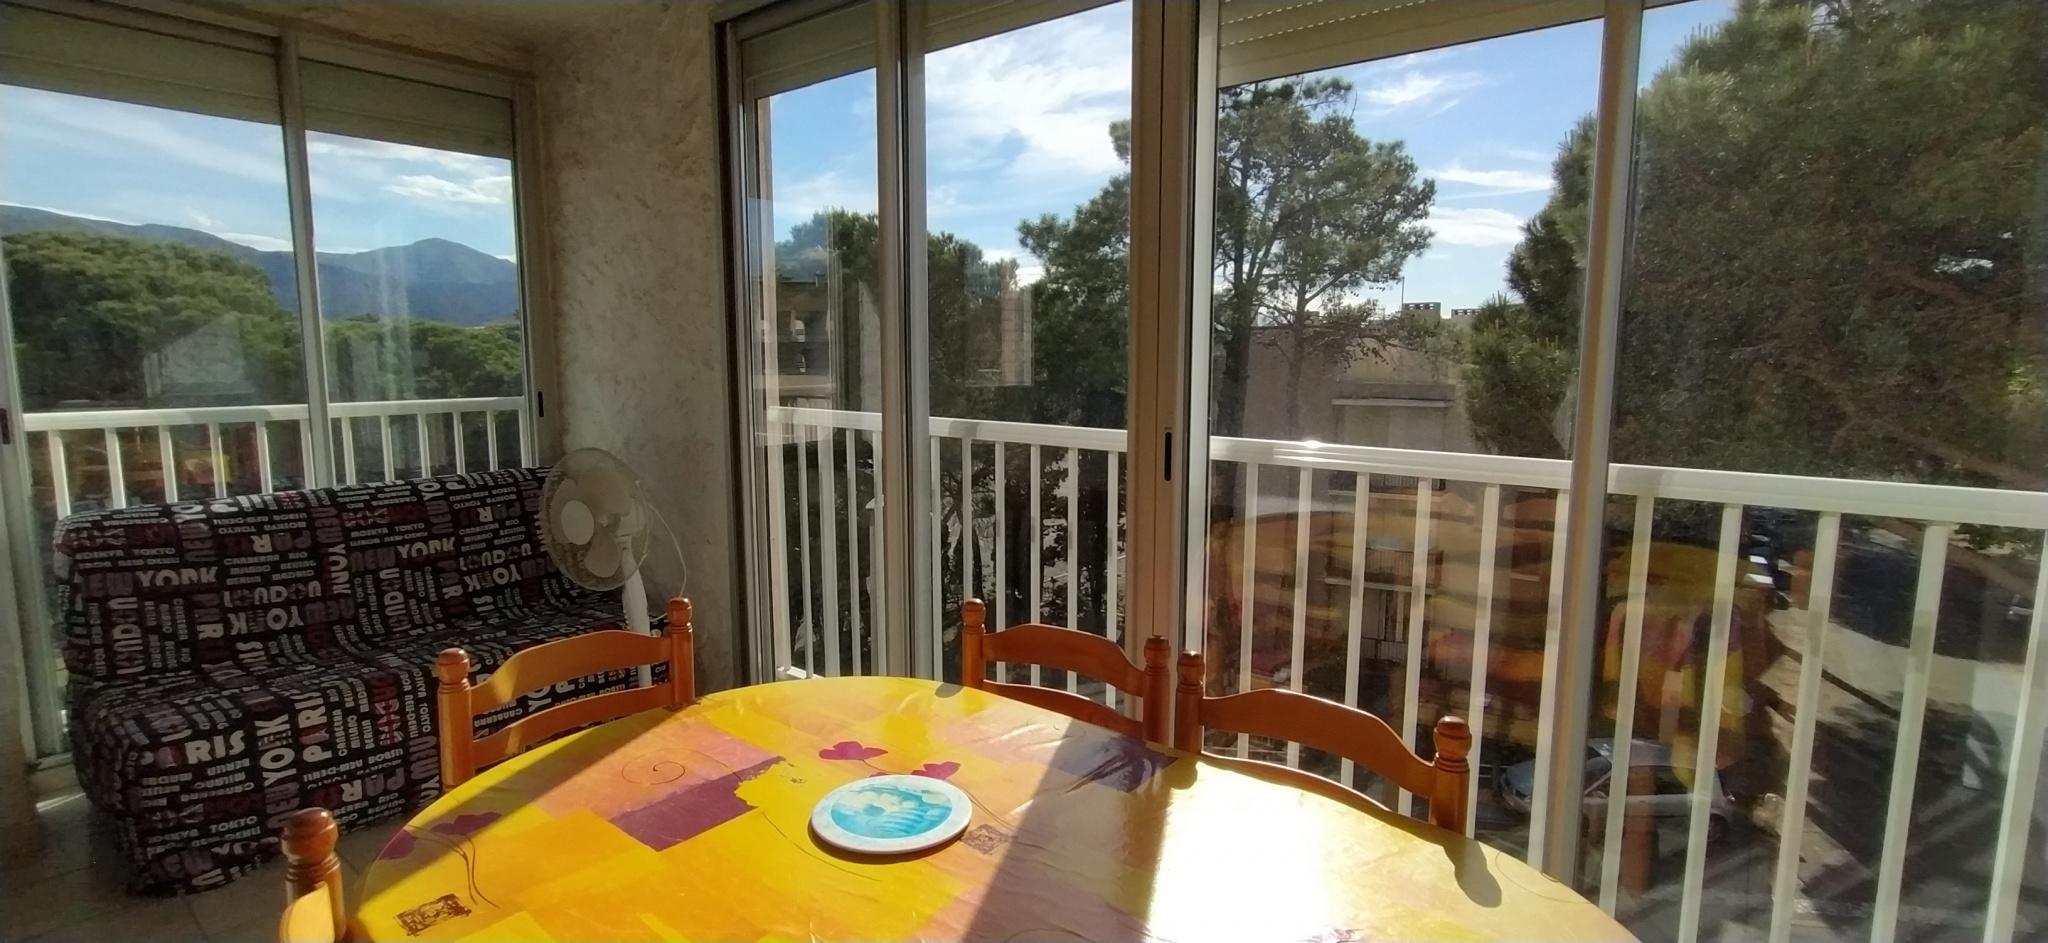 À vendre appartement de 45m2 à argeles sur mer (66700) - Photo 0'